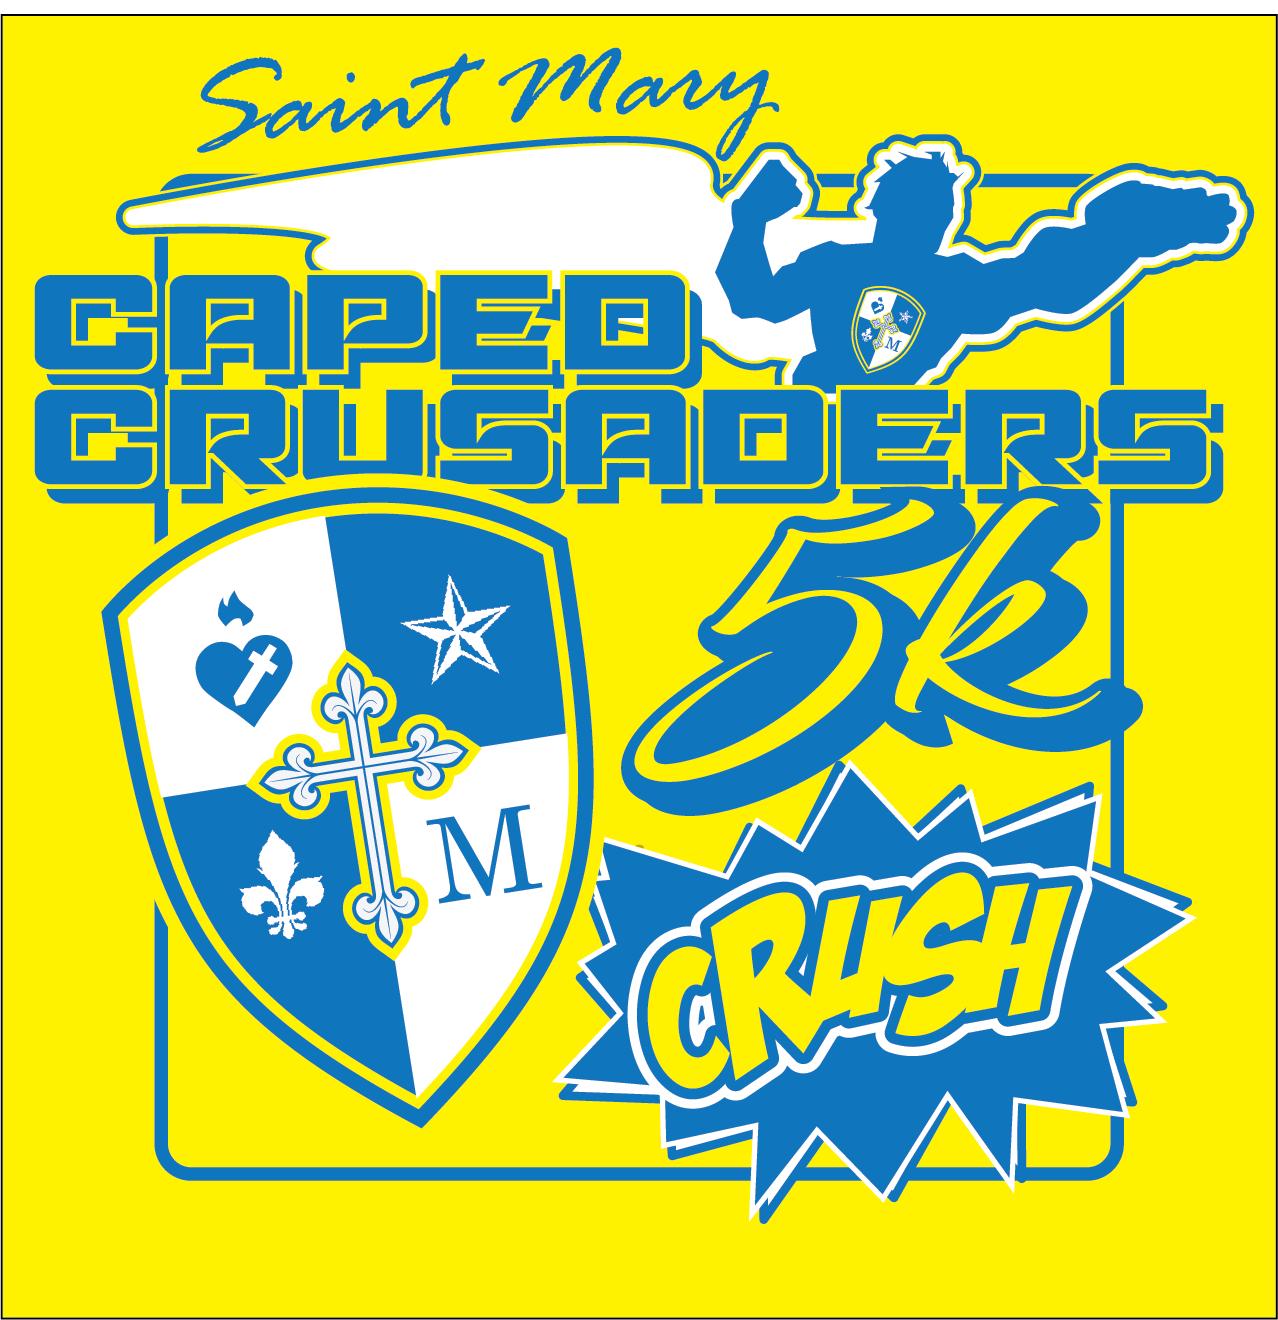 Cc5k logo